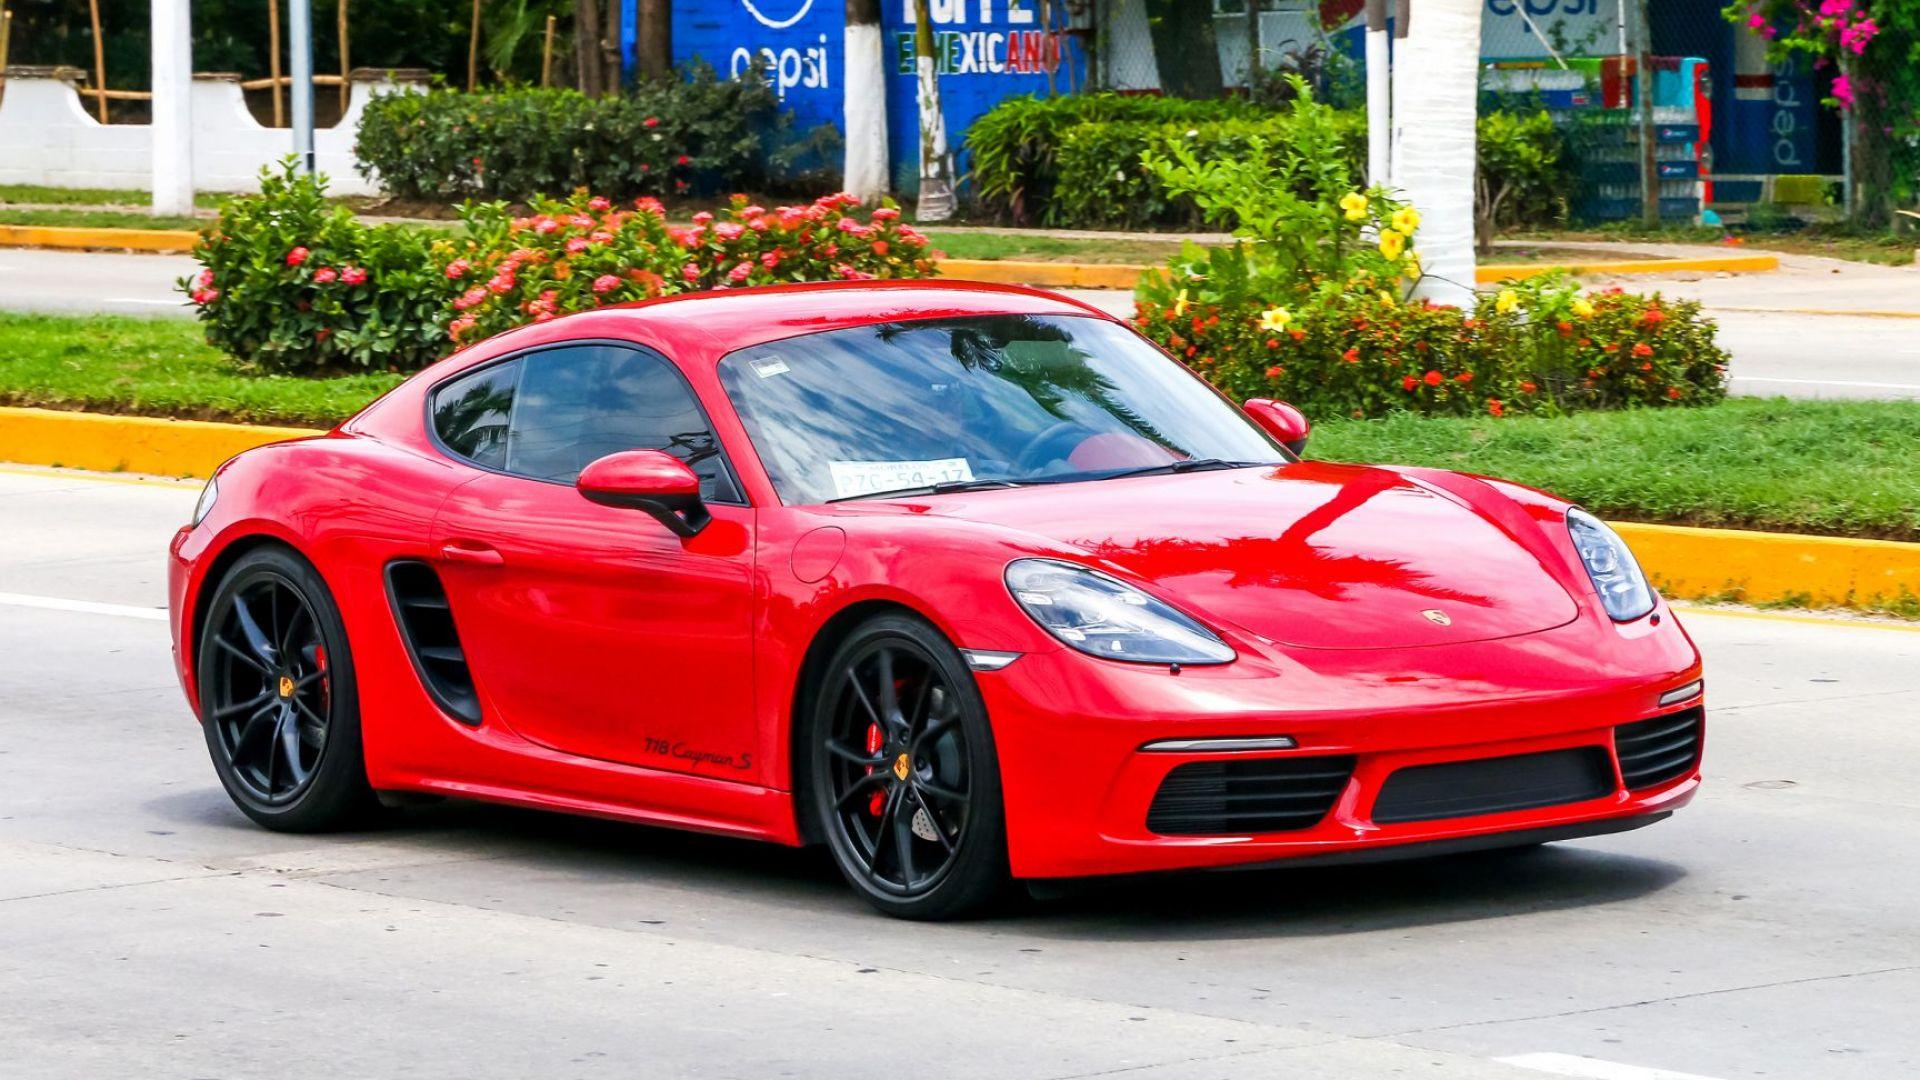 За лукса няма криза: Porsche отчете рекордни продажби за 2020 г.